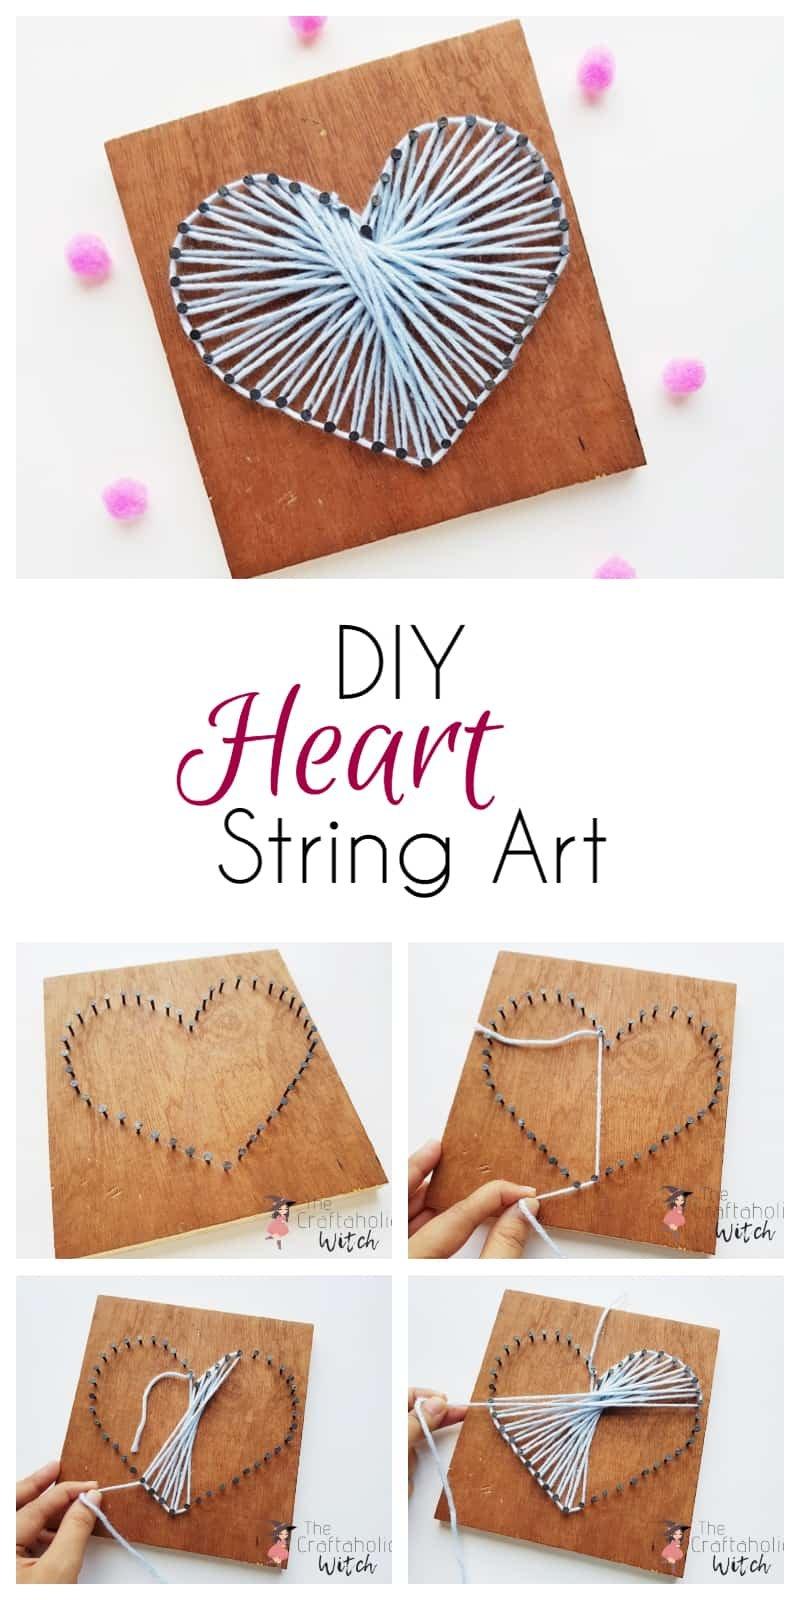 DIY Heart String Art